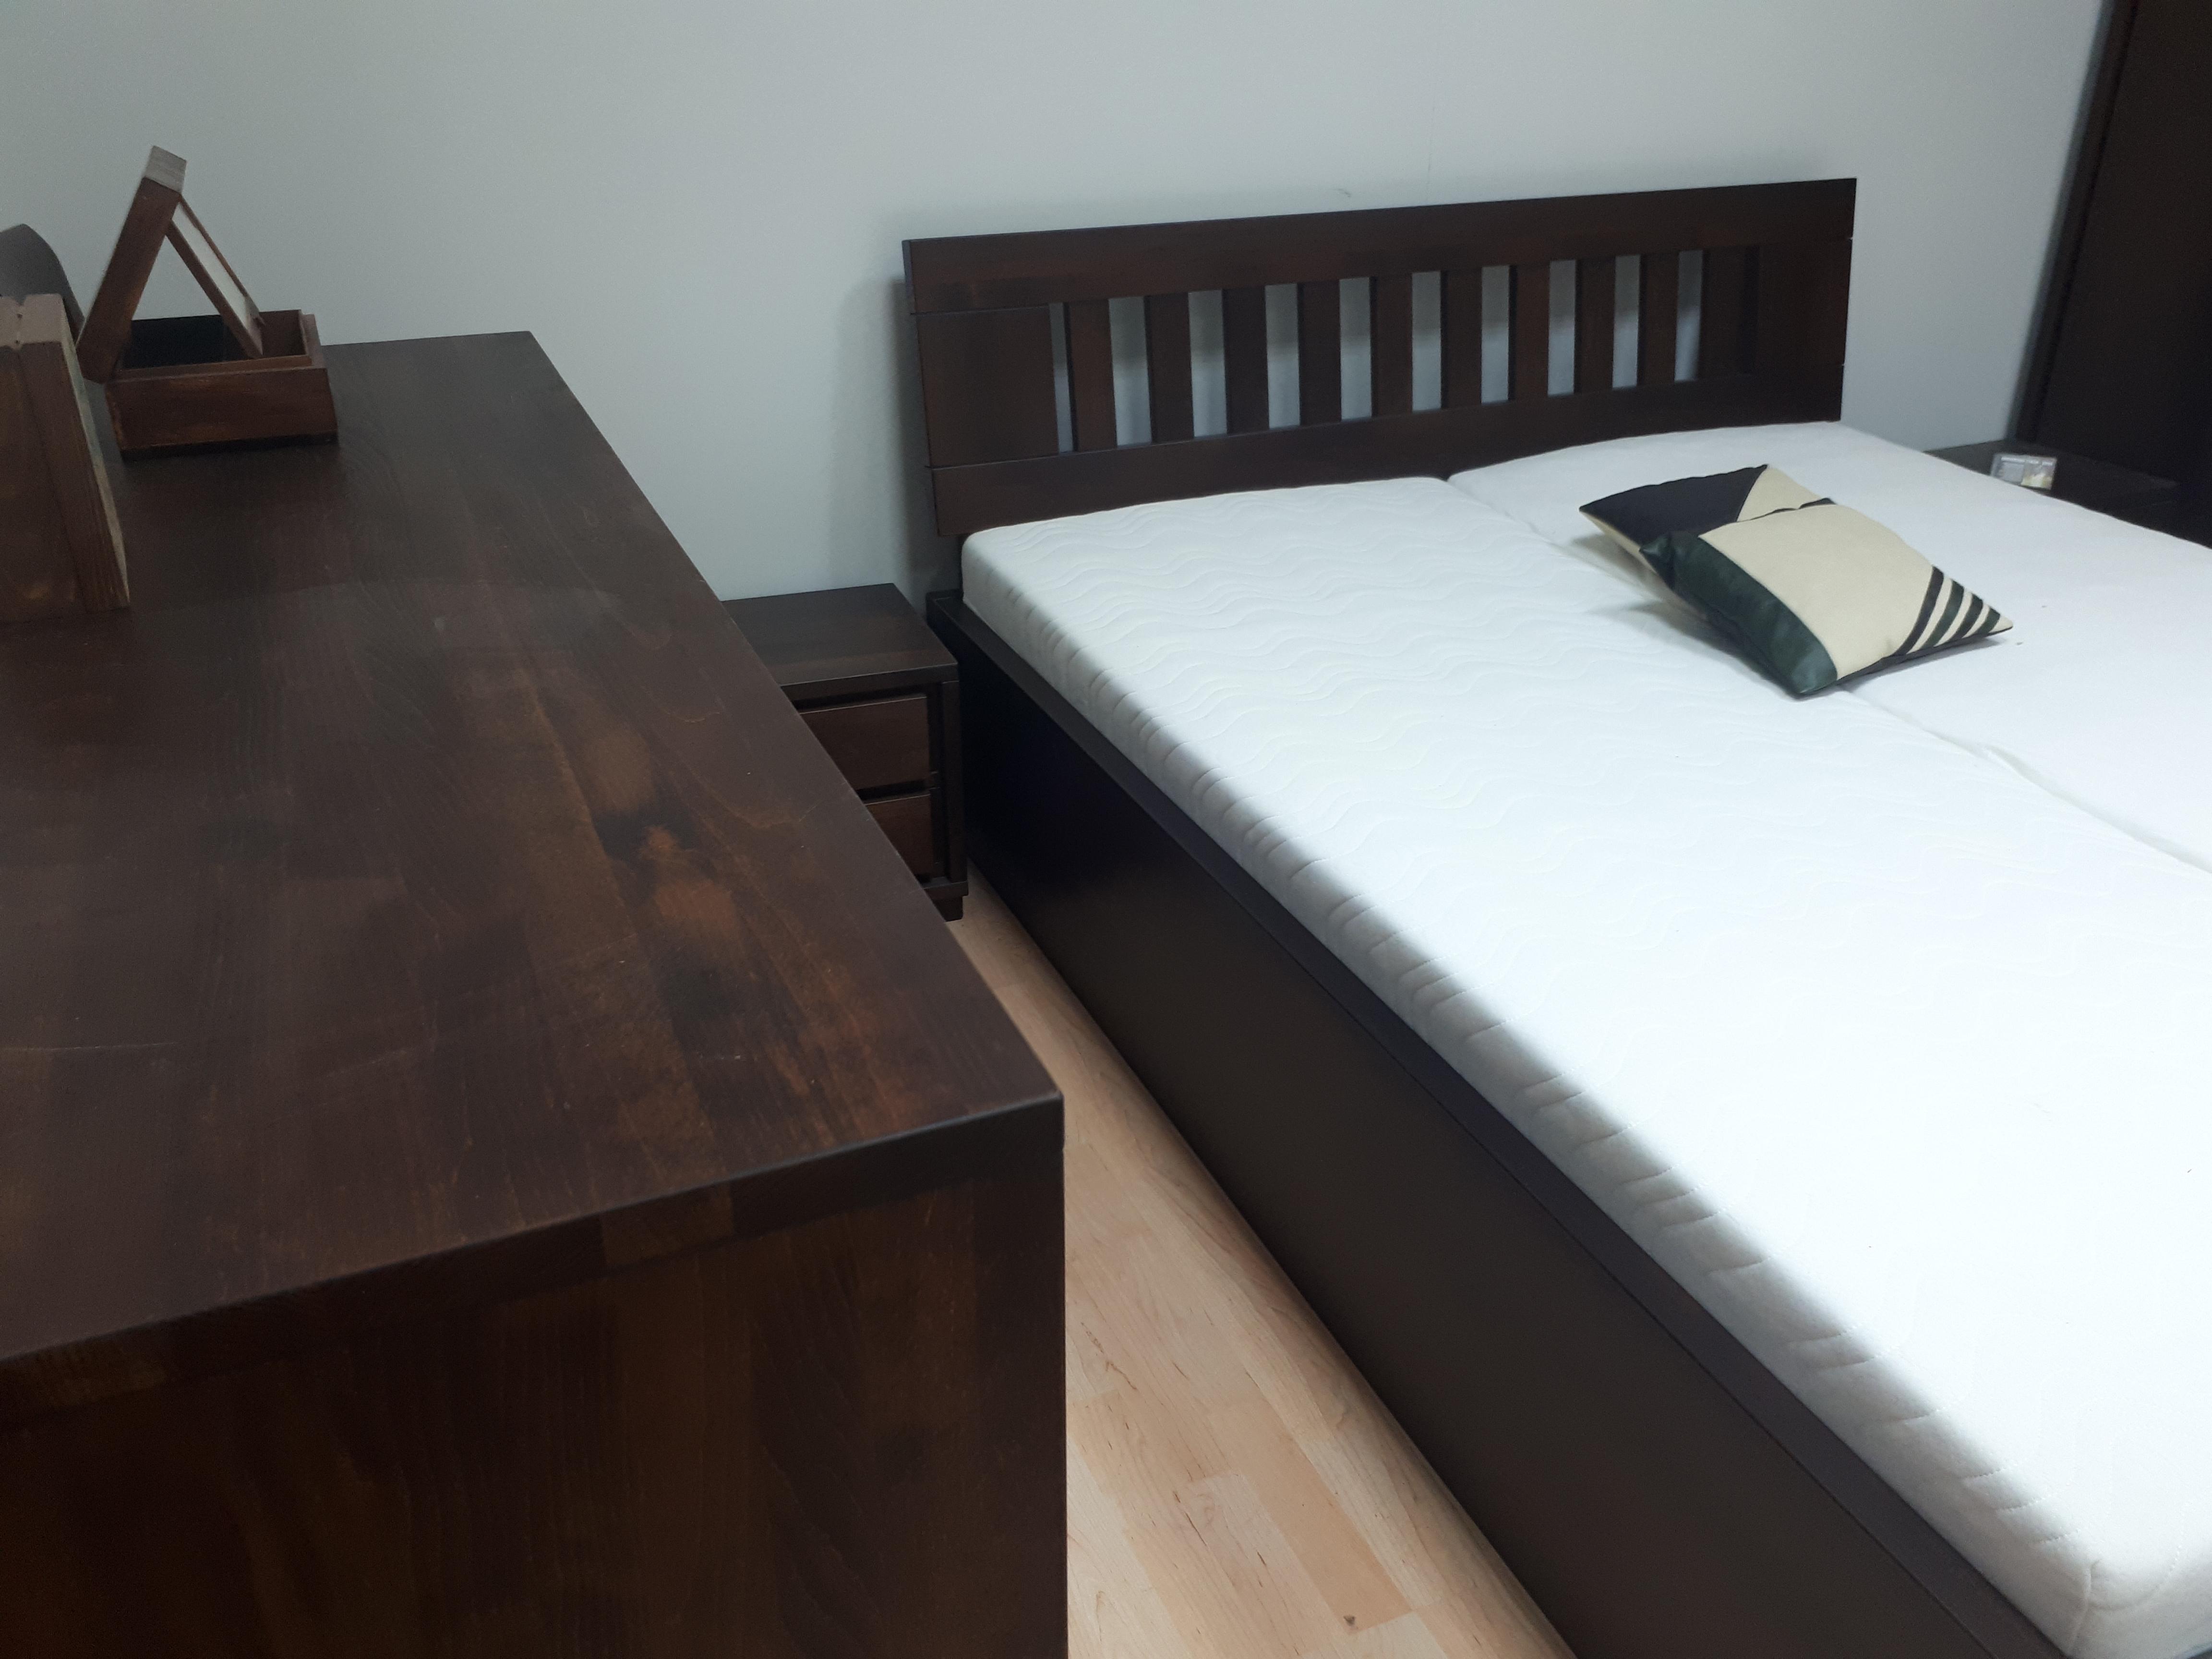 łóżko drewniane z podnoszonym stelażem